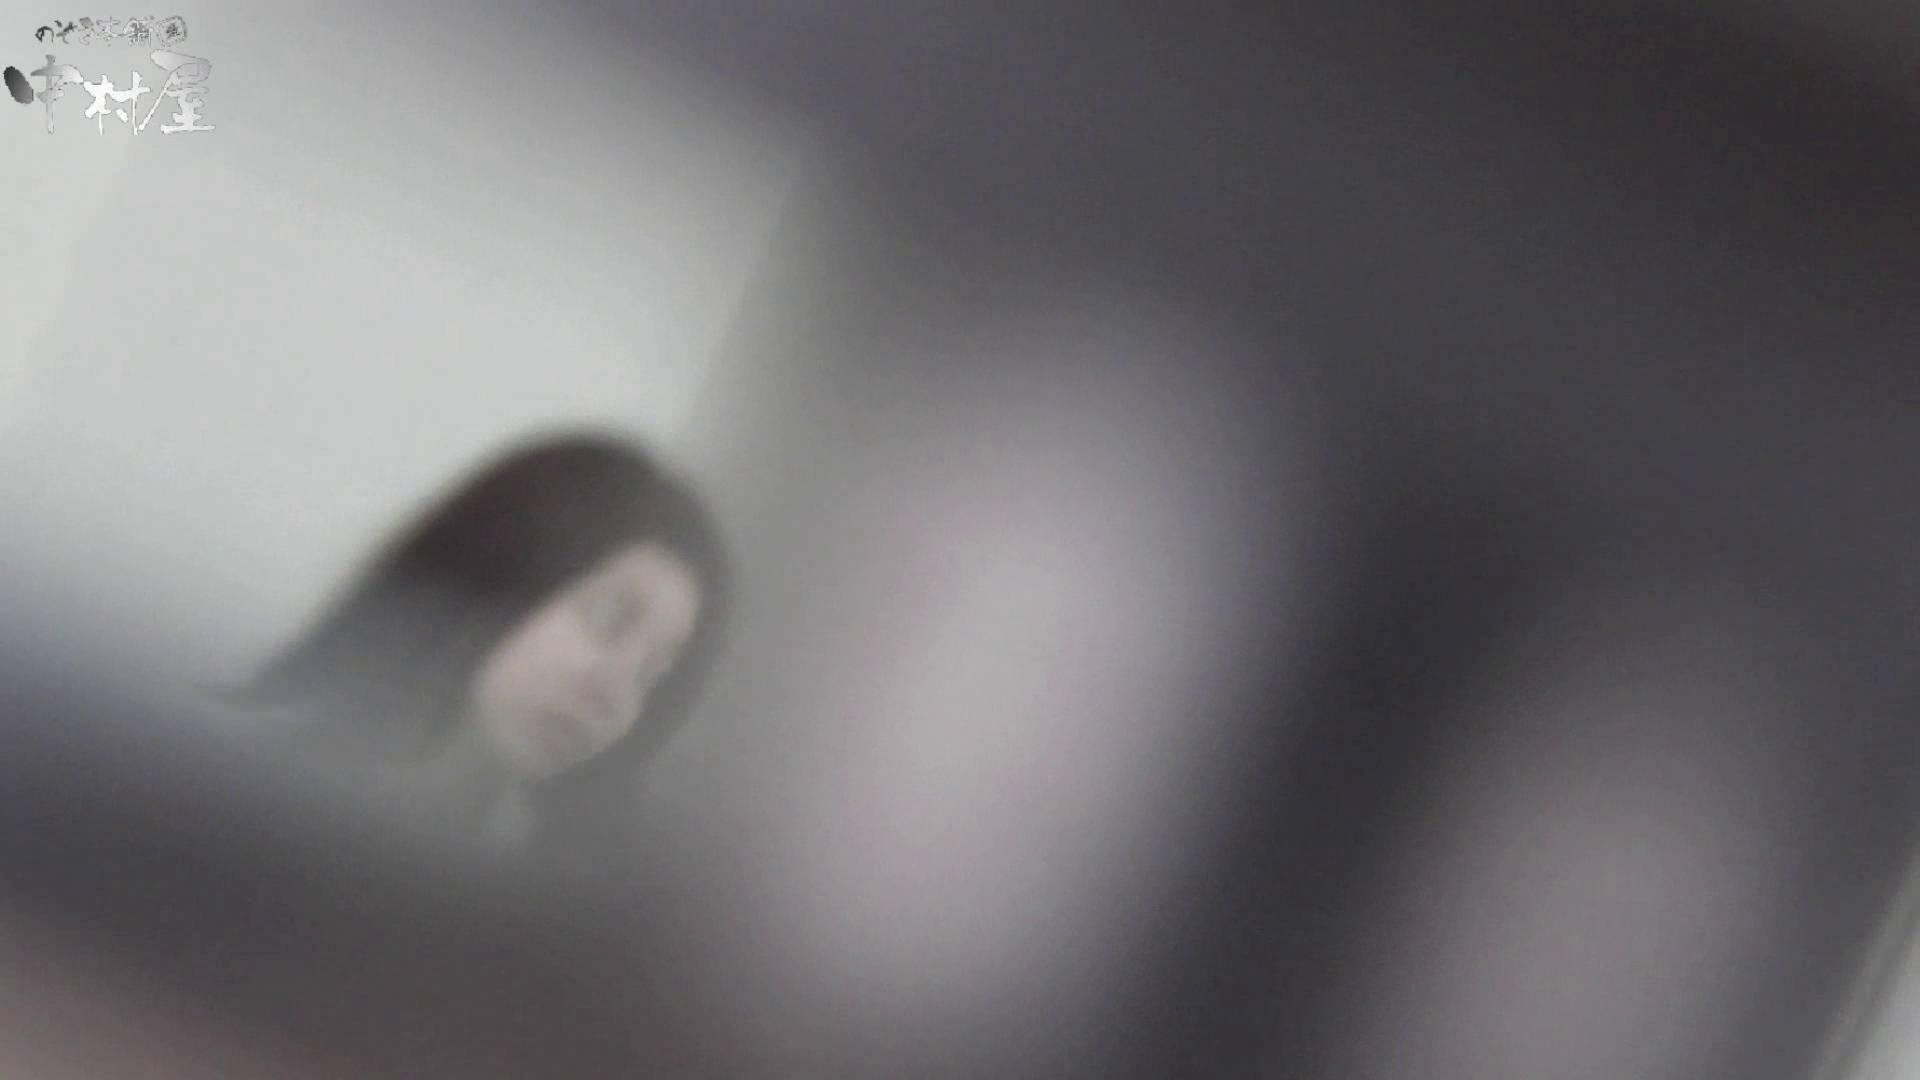 vol.47 命がけ潜伏洗面所! 可愛い顔してケツ毛な件 OL女体 セックス無修正動画無料 67連発 54